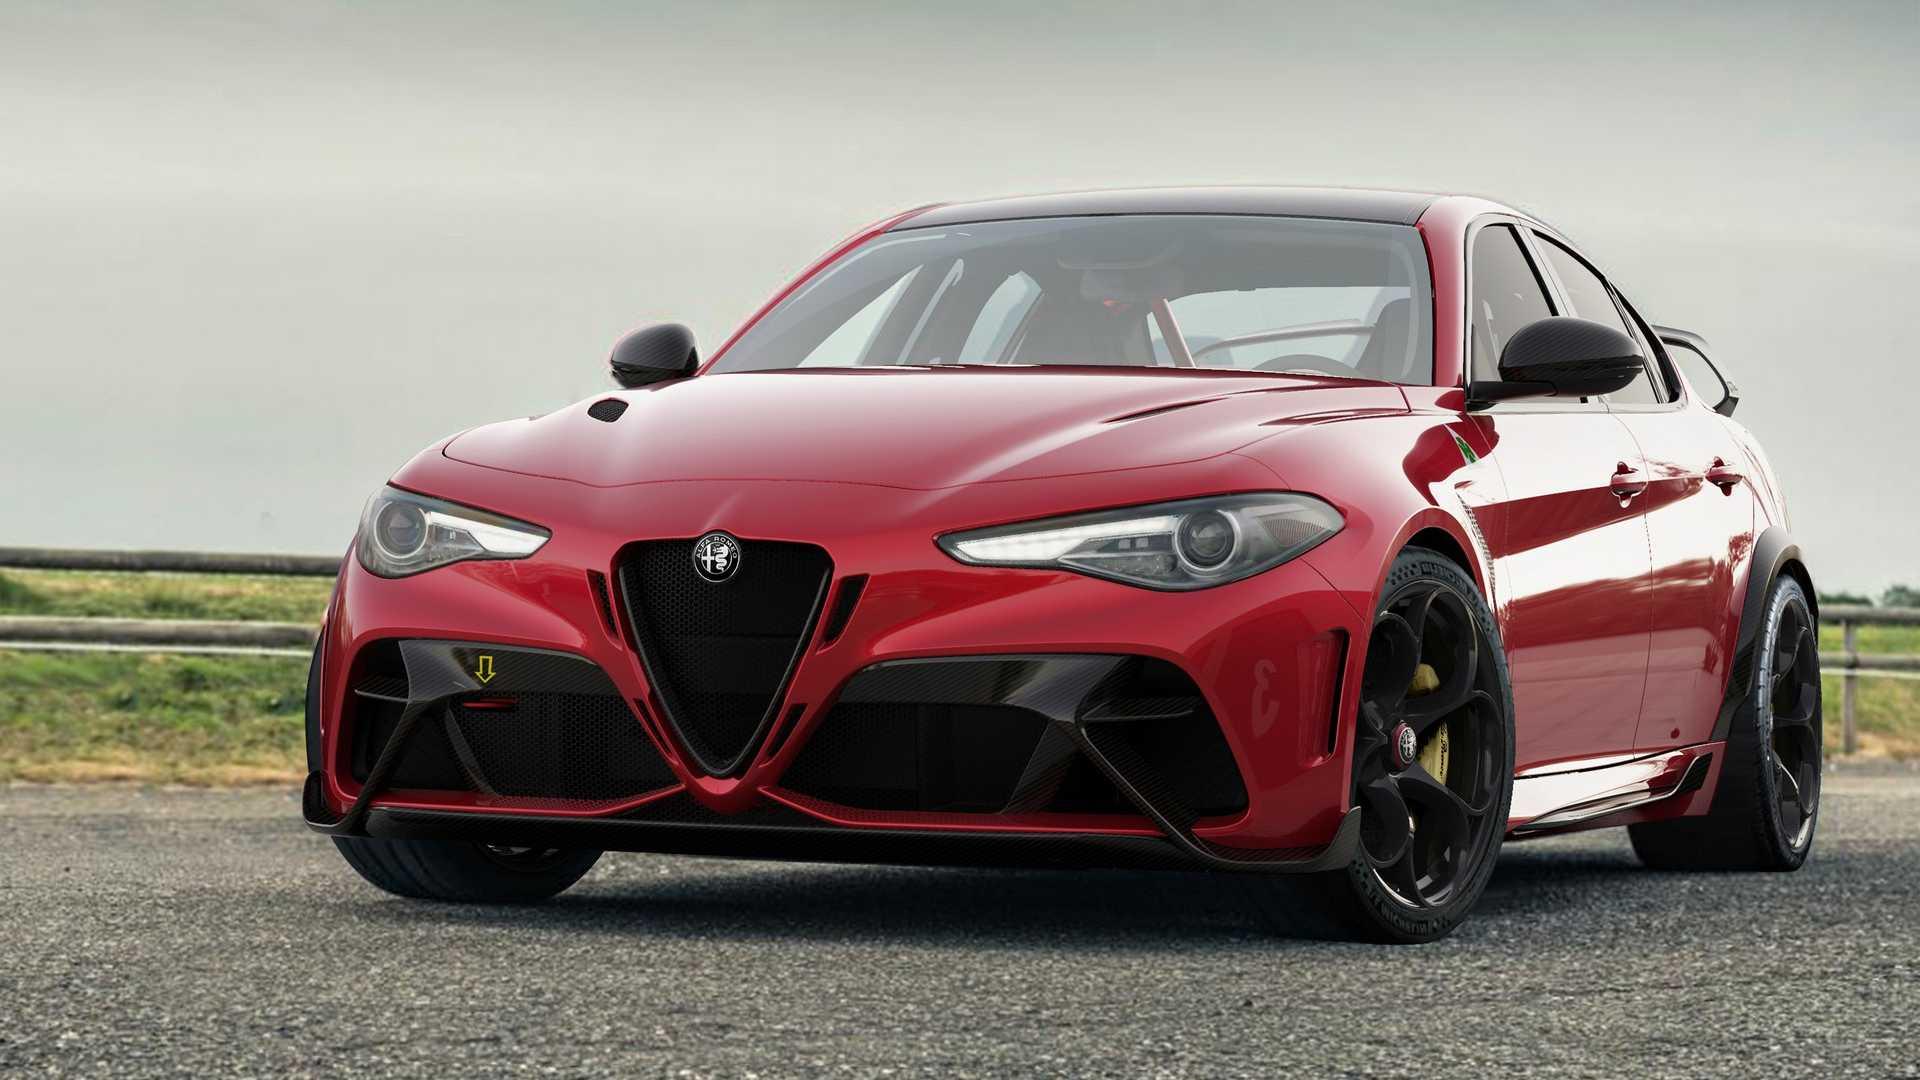 """Alfa Romeo """"parte a loiça toda"""" com os novos Giulia GTA e GTAm"""